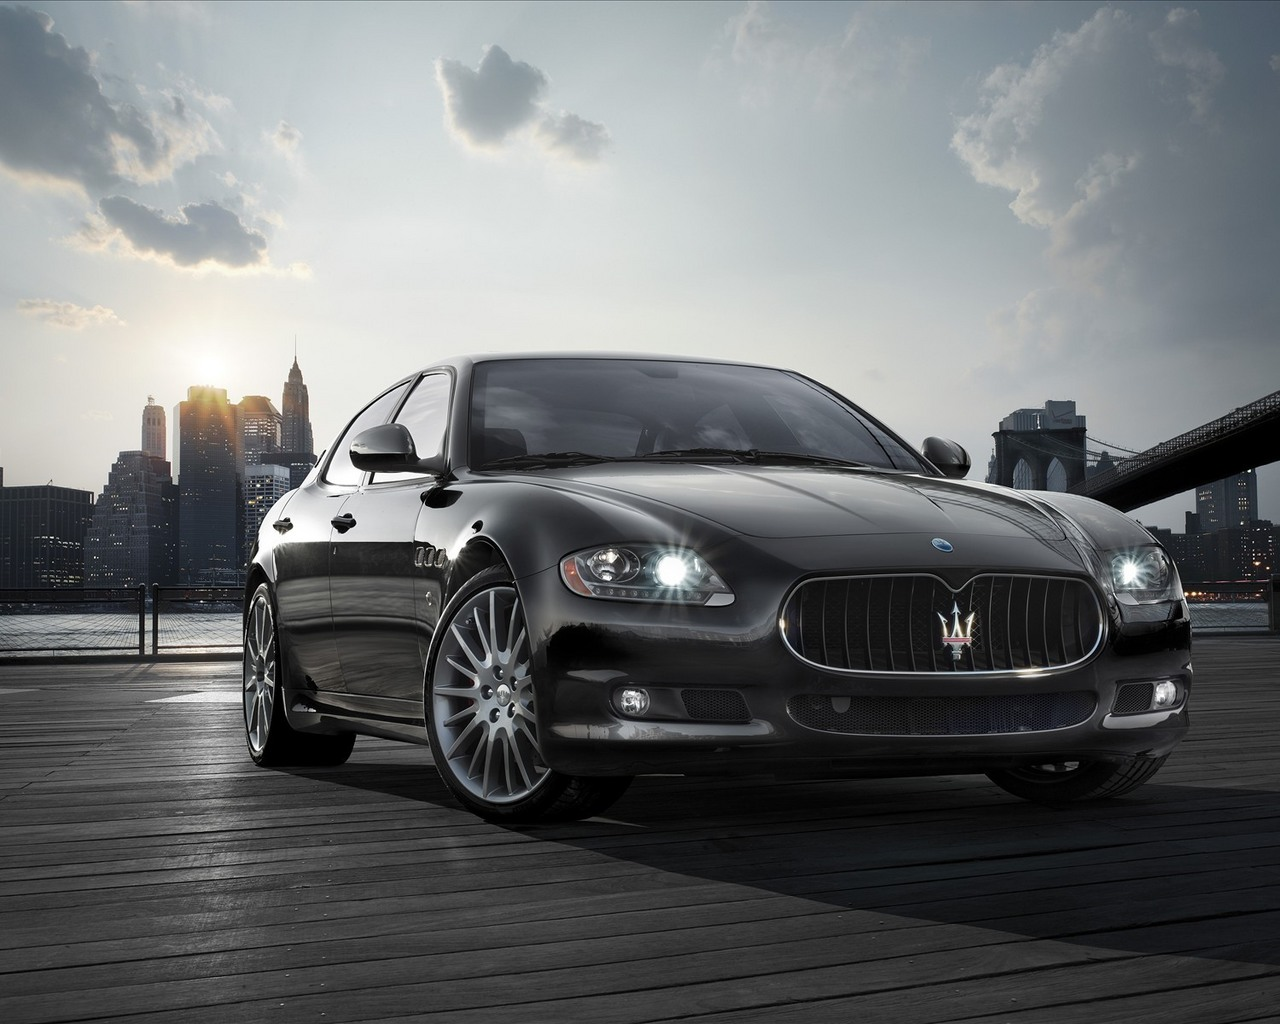 壁紙 マセラティ Maserati Quattroporte S 自動車 ダウンロード 写真